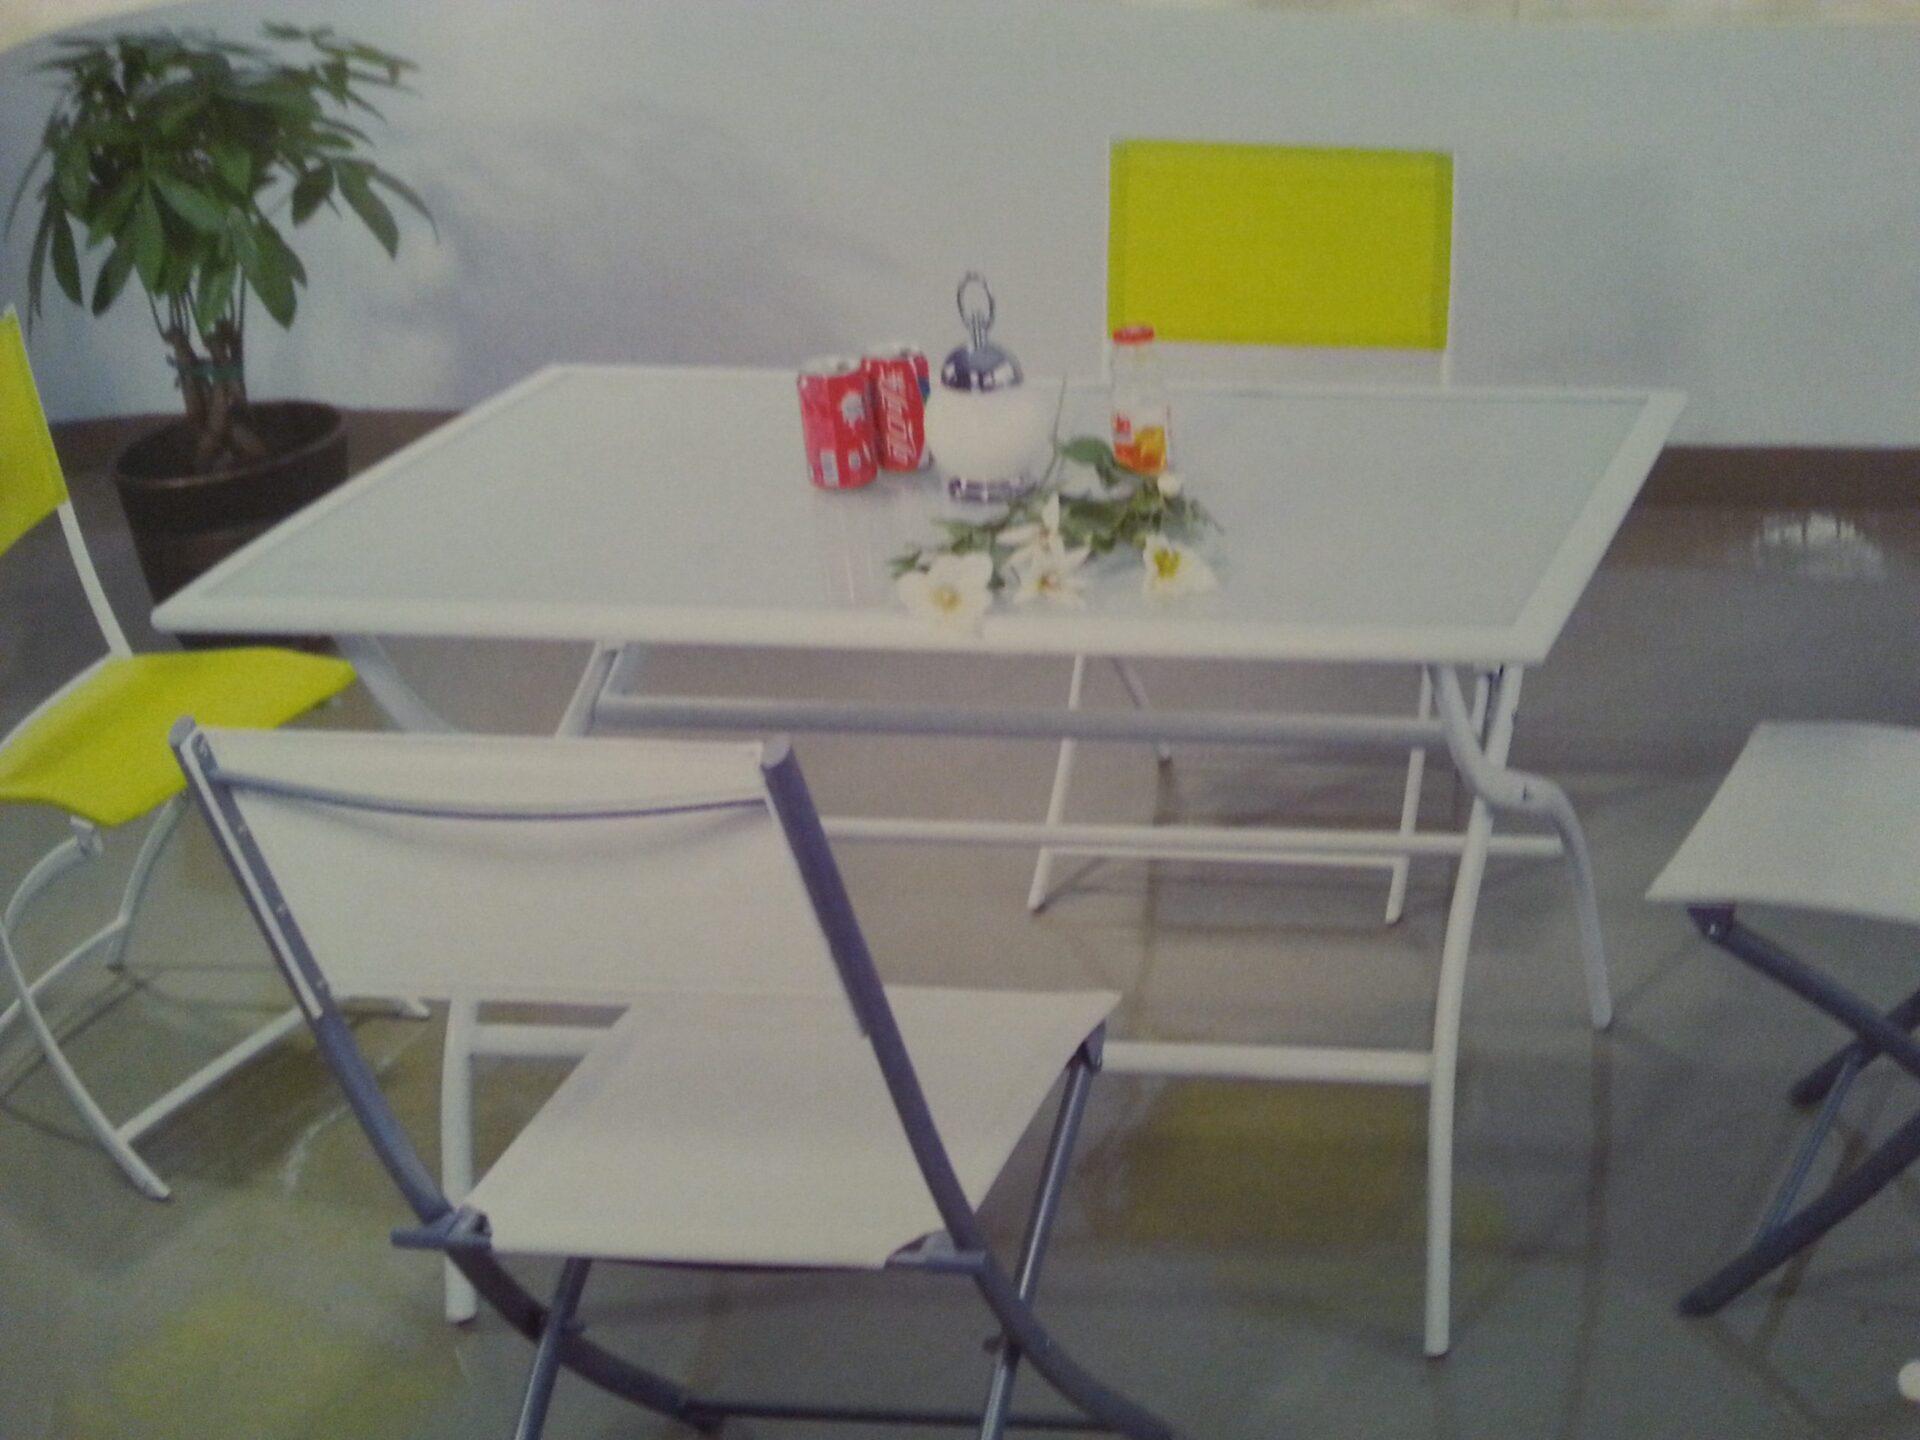 שולחן לגינה 1.10/70 מתקפל + 4 כסאות מתקפלים